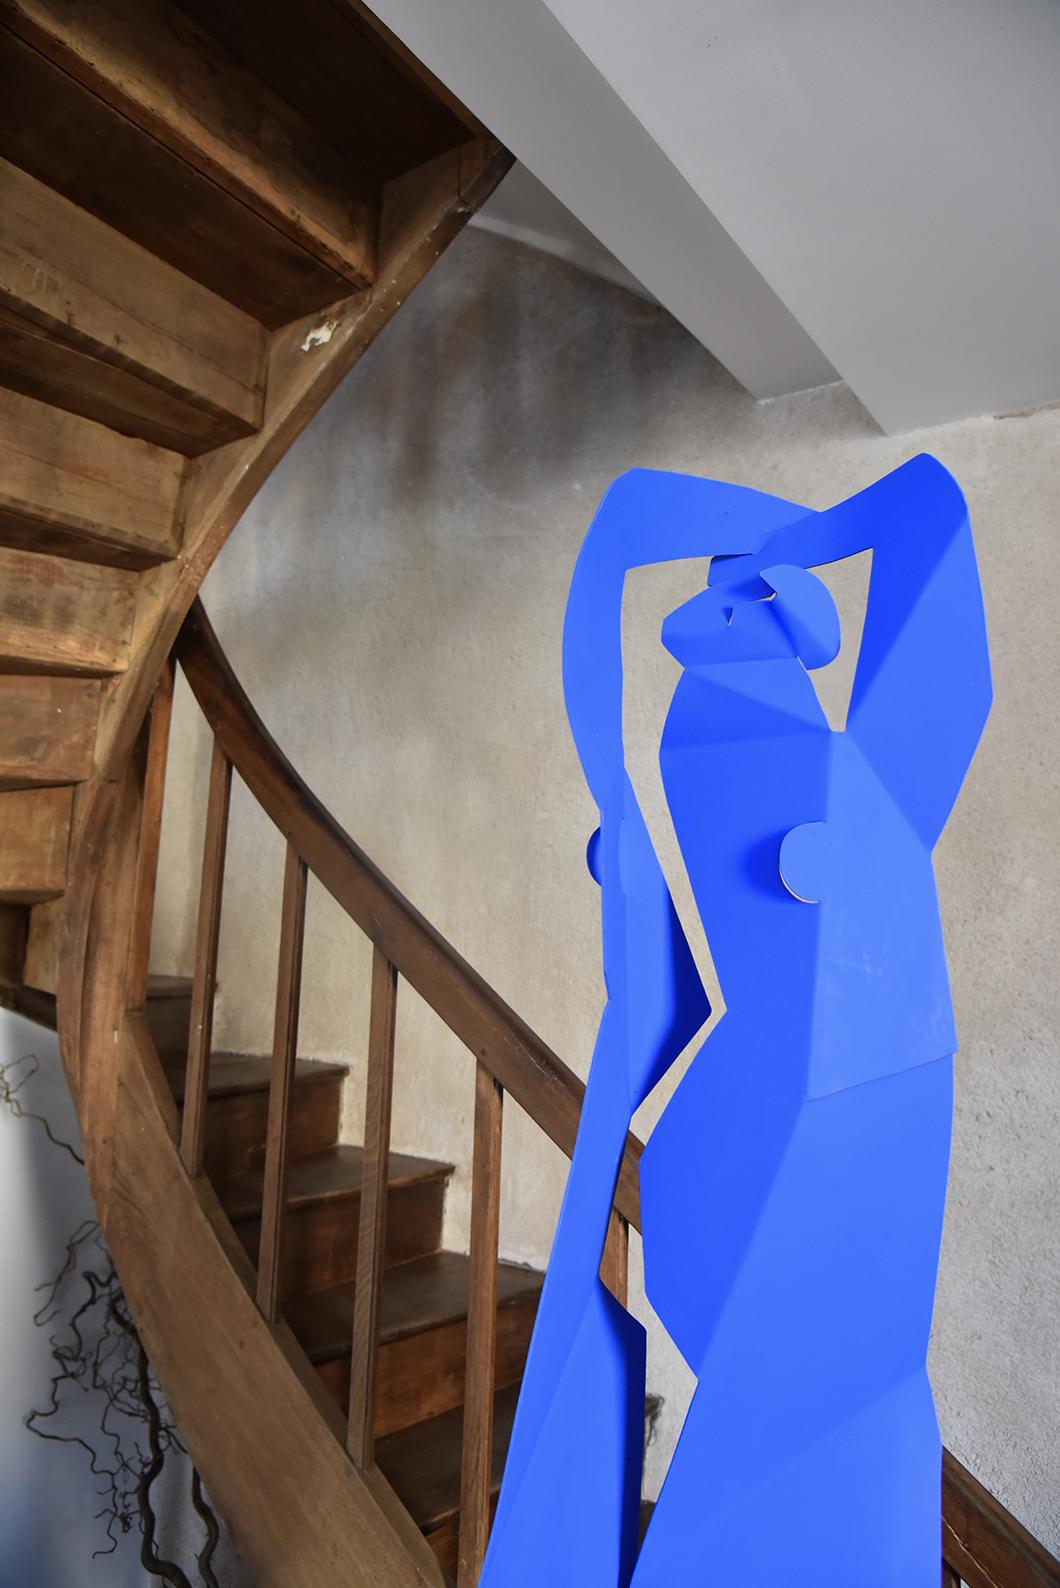 Galerie d'art contemporain Garnier-Delaporte à Chavignol